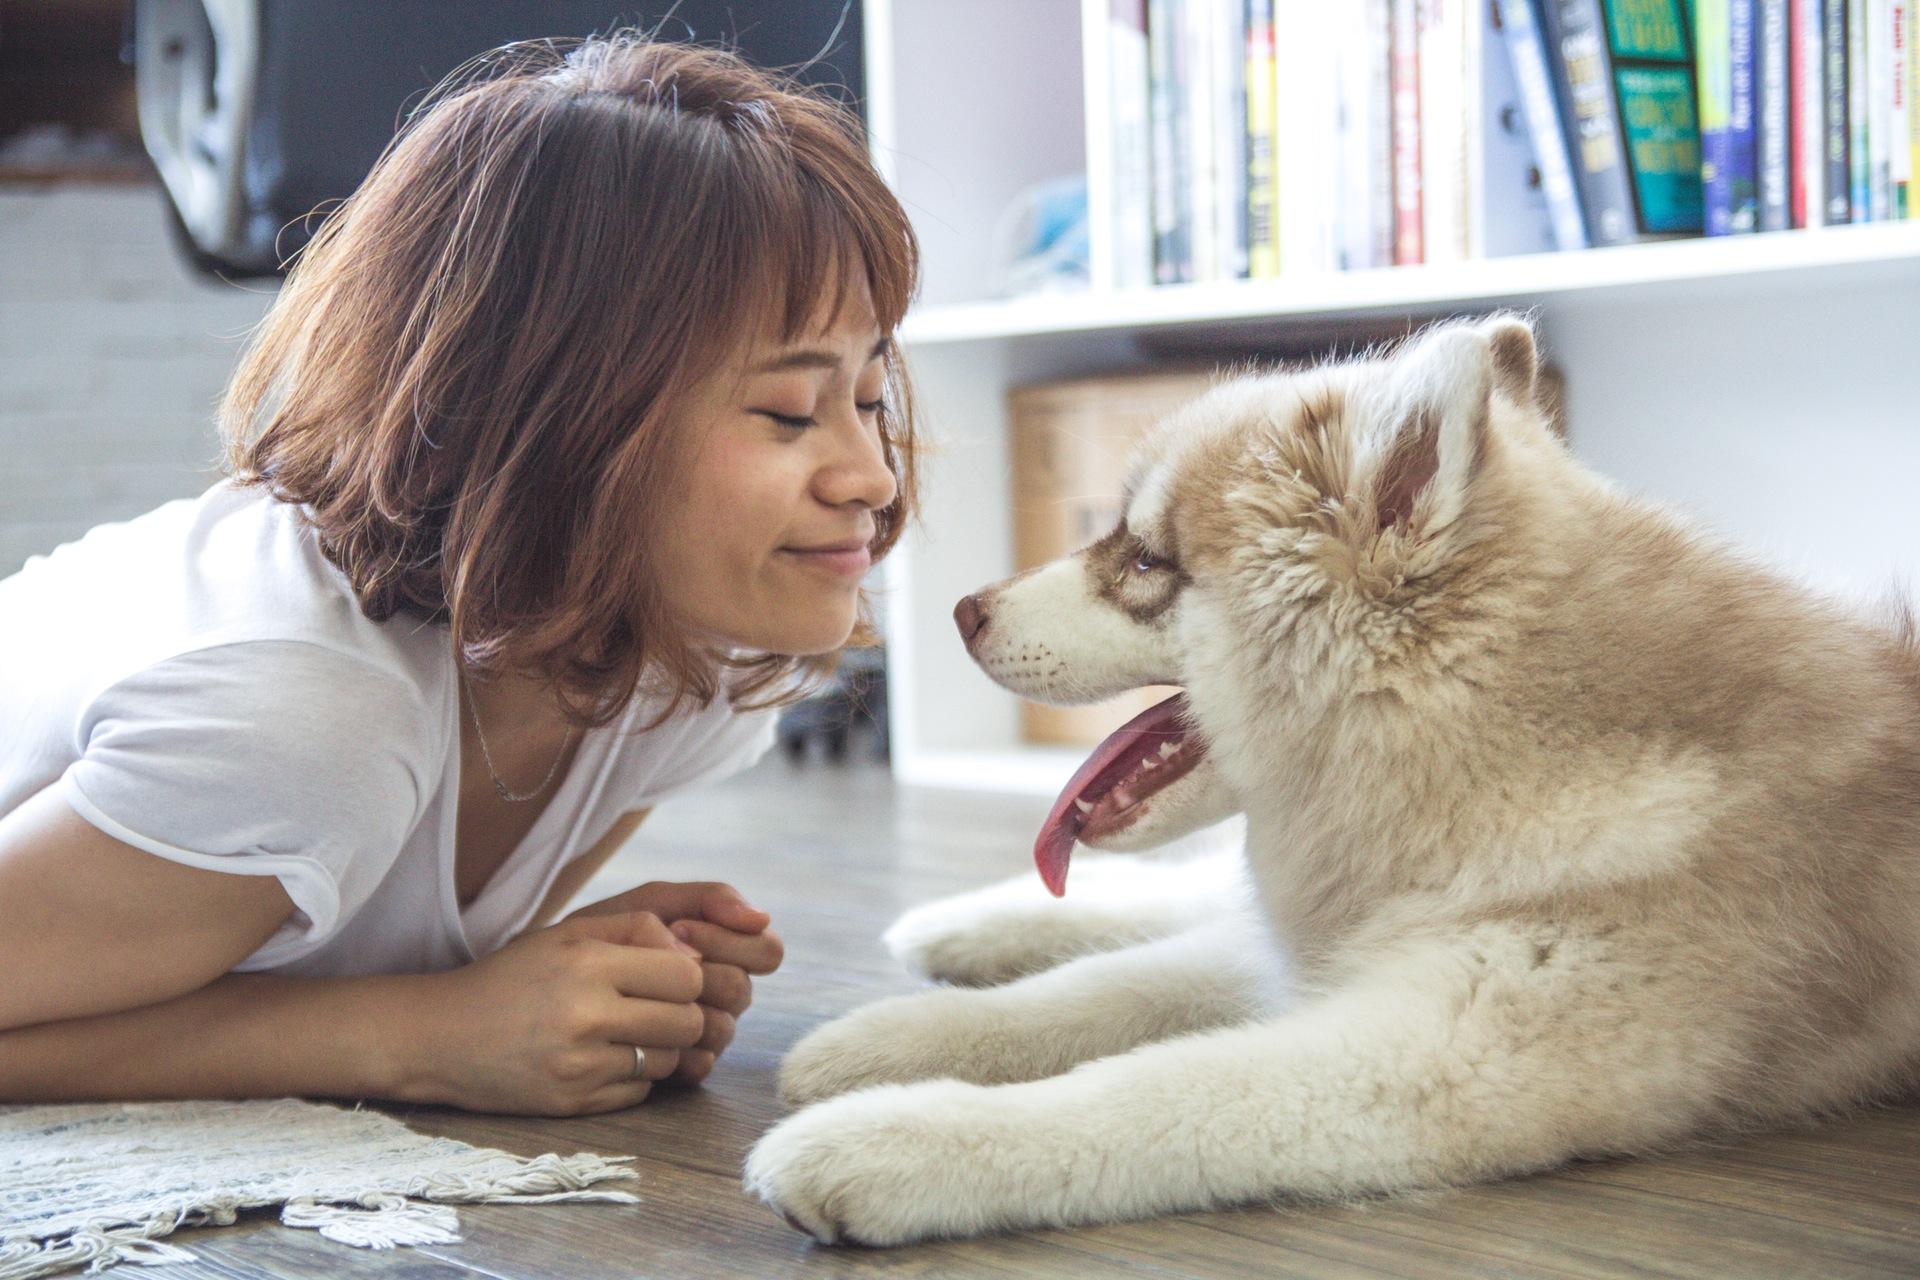 dog-smile-woman.jpeg